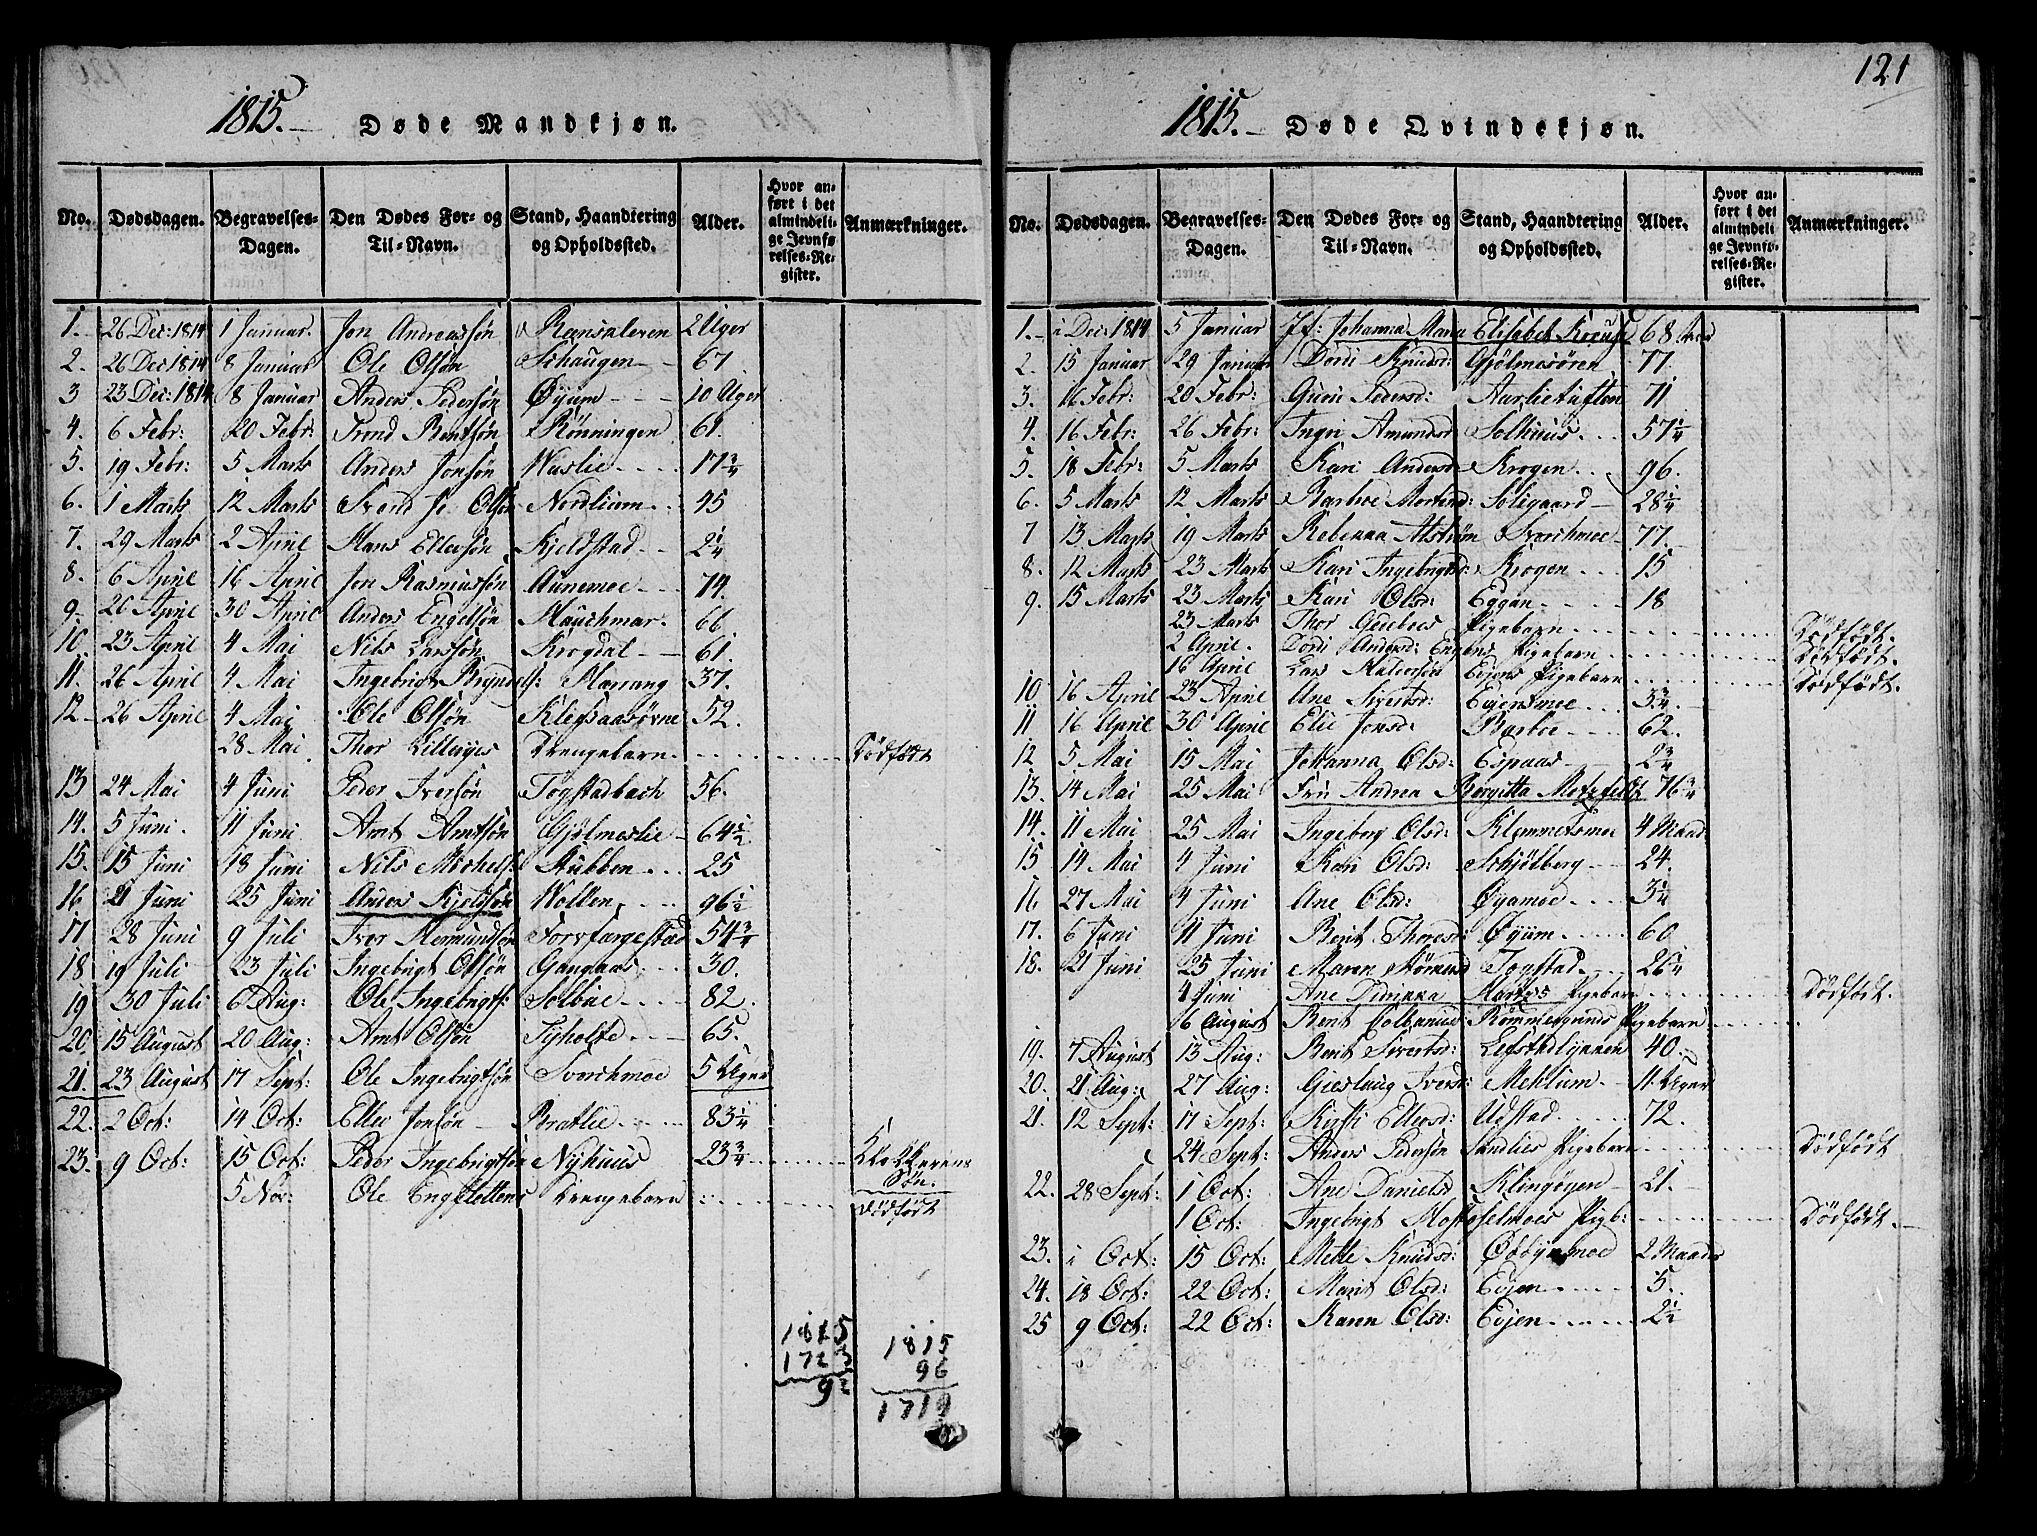 SAT, Ministerialprotokoller, klokkerbøker og fødselsregistre - Sør-Trøndelag, 668/L0803: Ministerialbok nr. 668A03, 1800-1826, s. 121